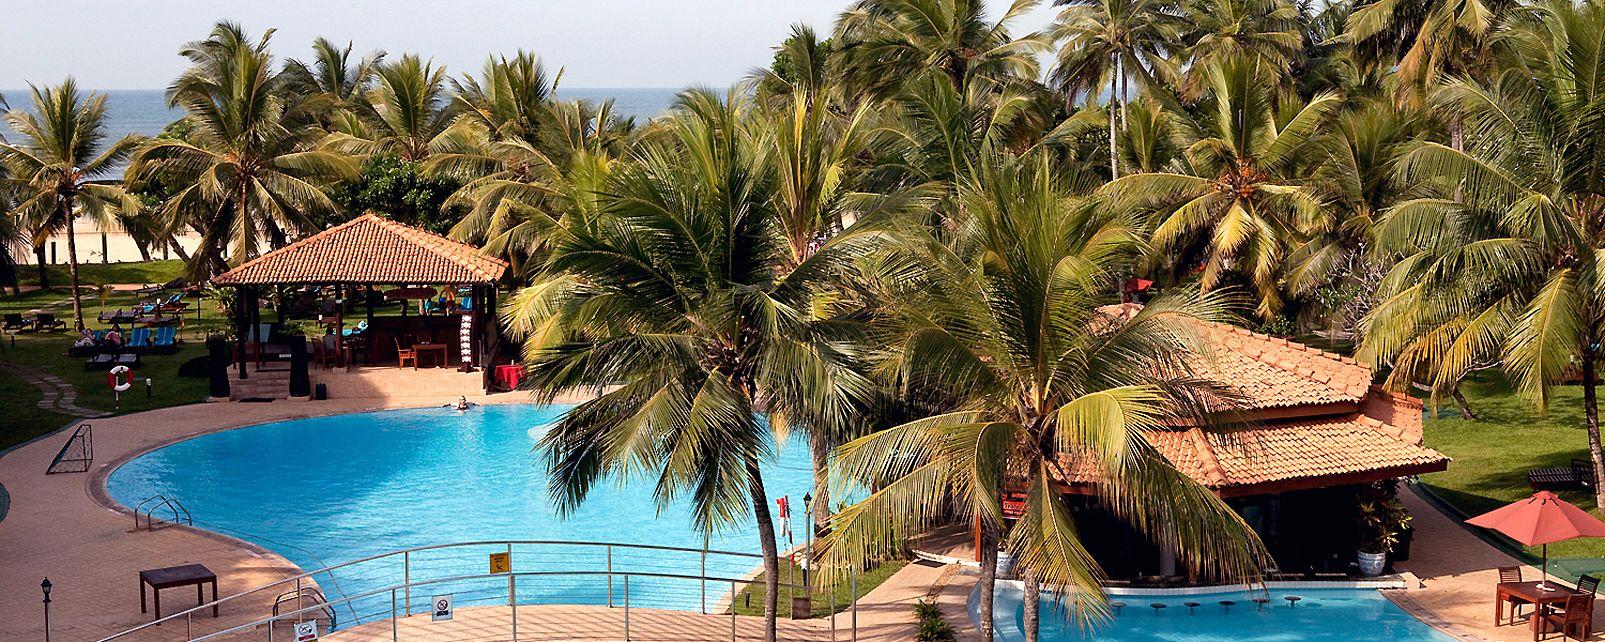 Hôtel Eden Resort and Spa